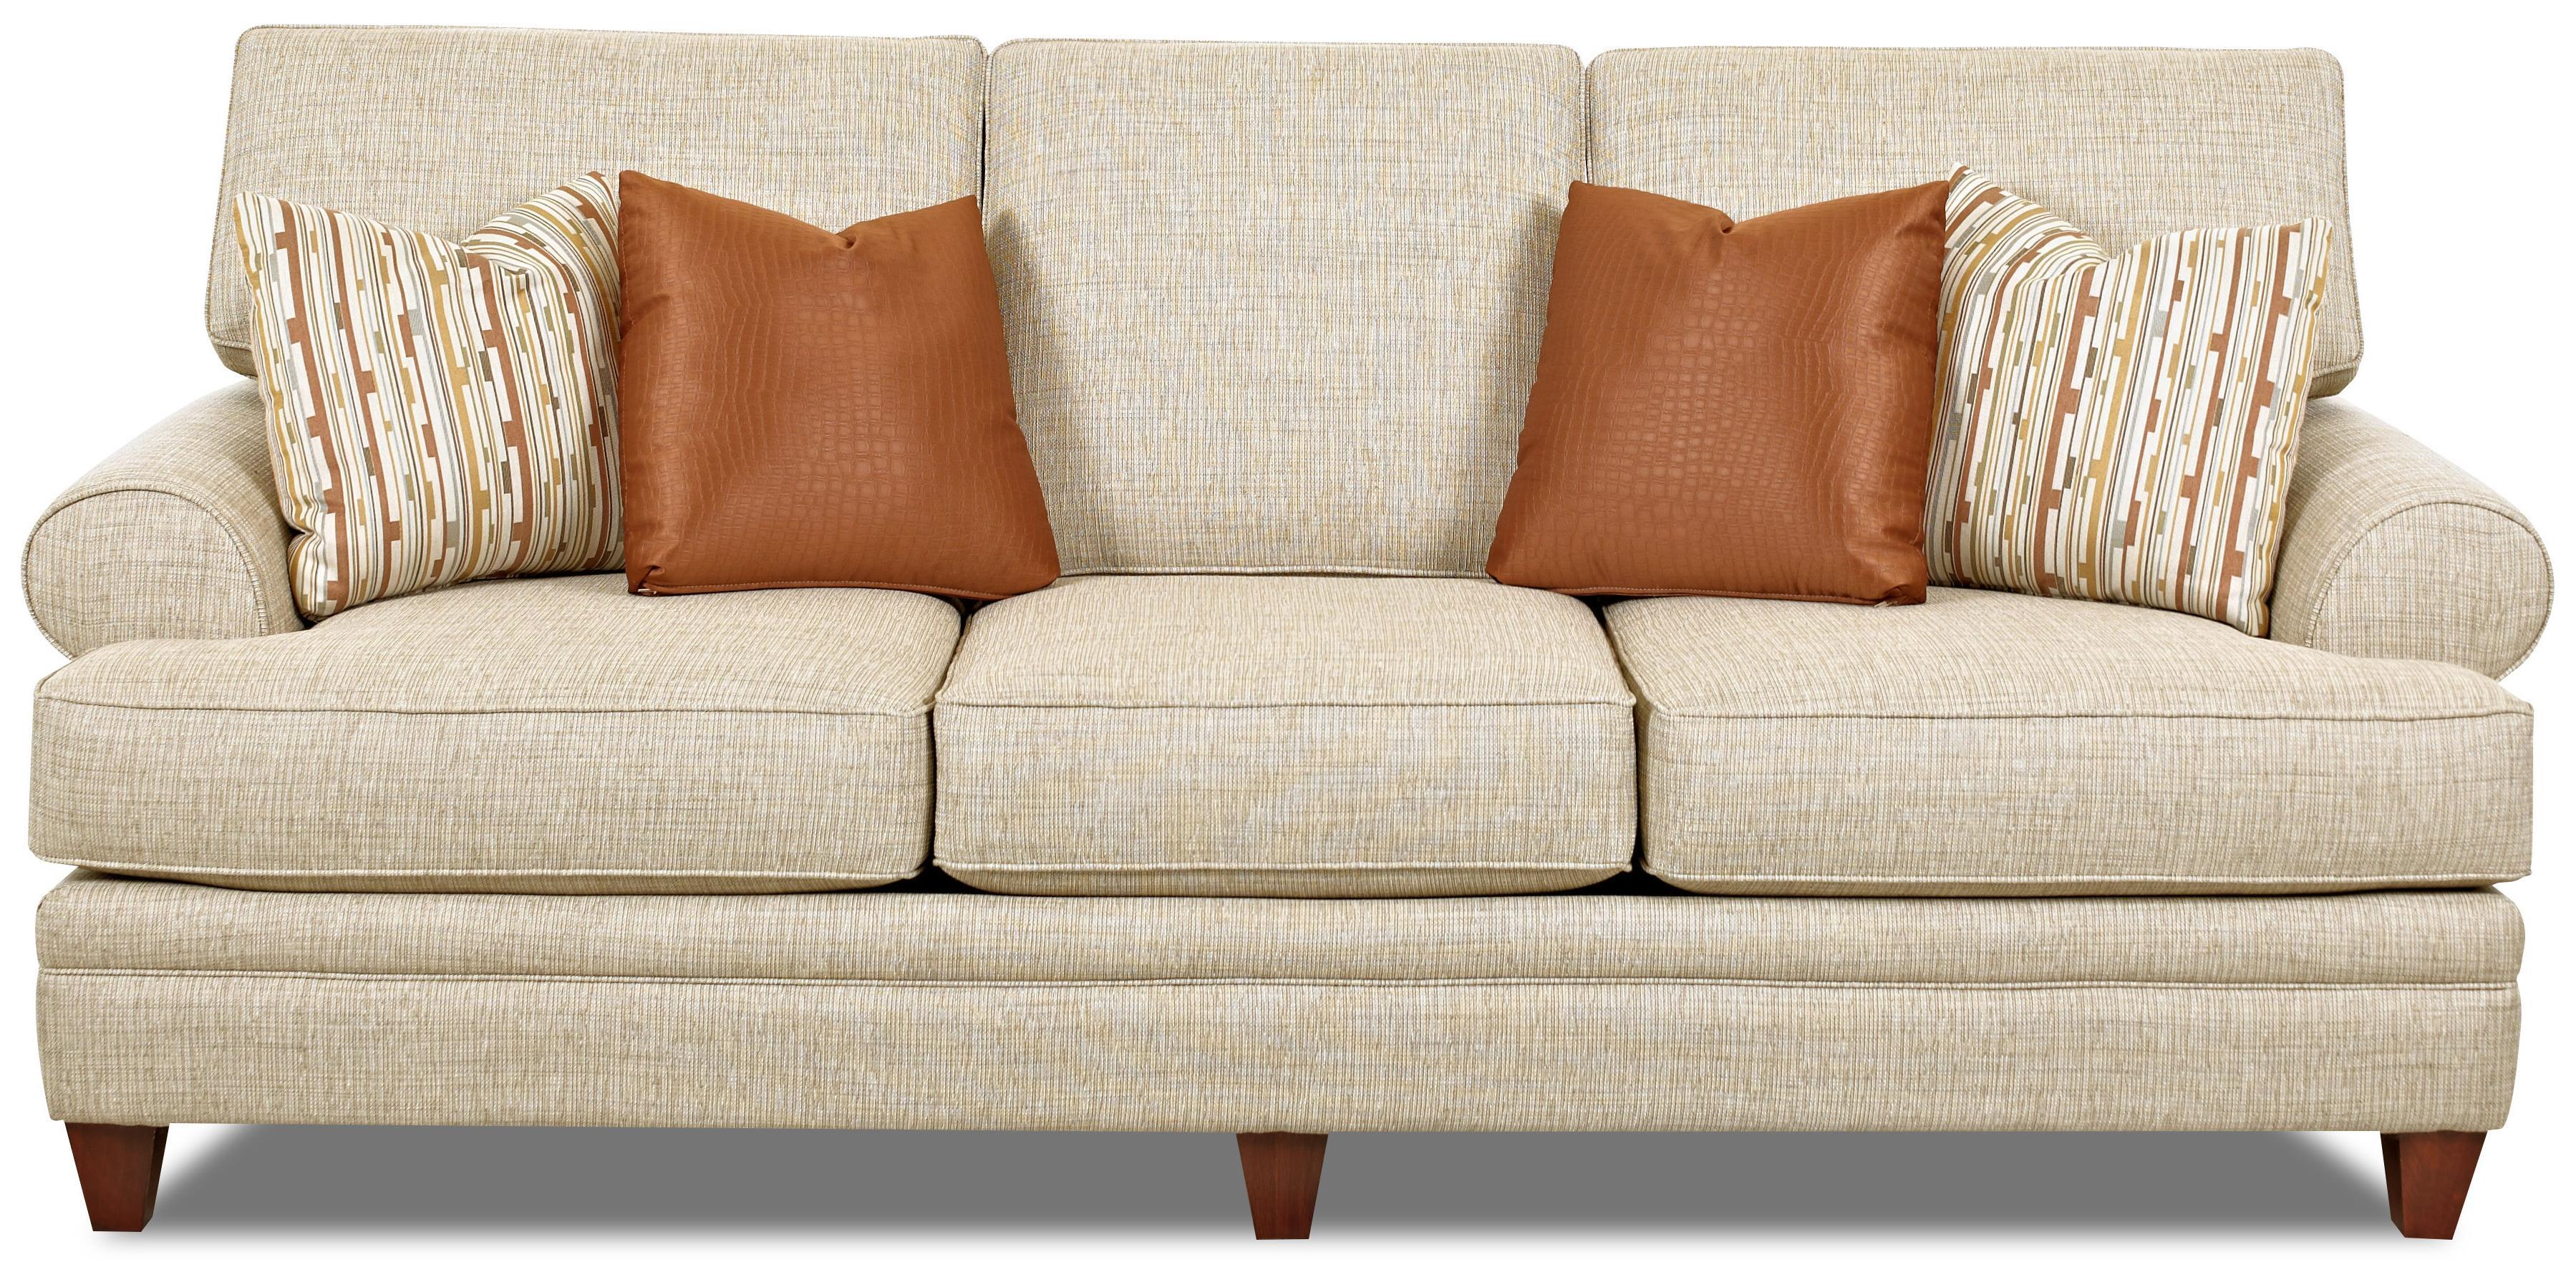 Klaussner Fresno Sofa - Item Number: K99340 S